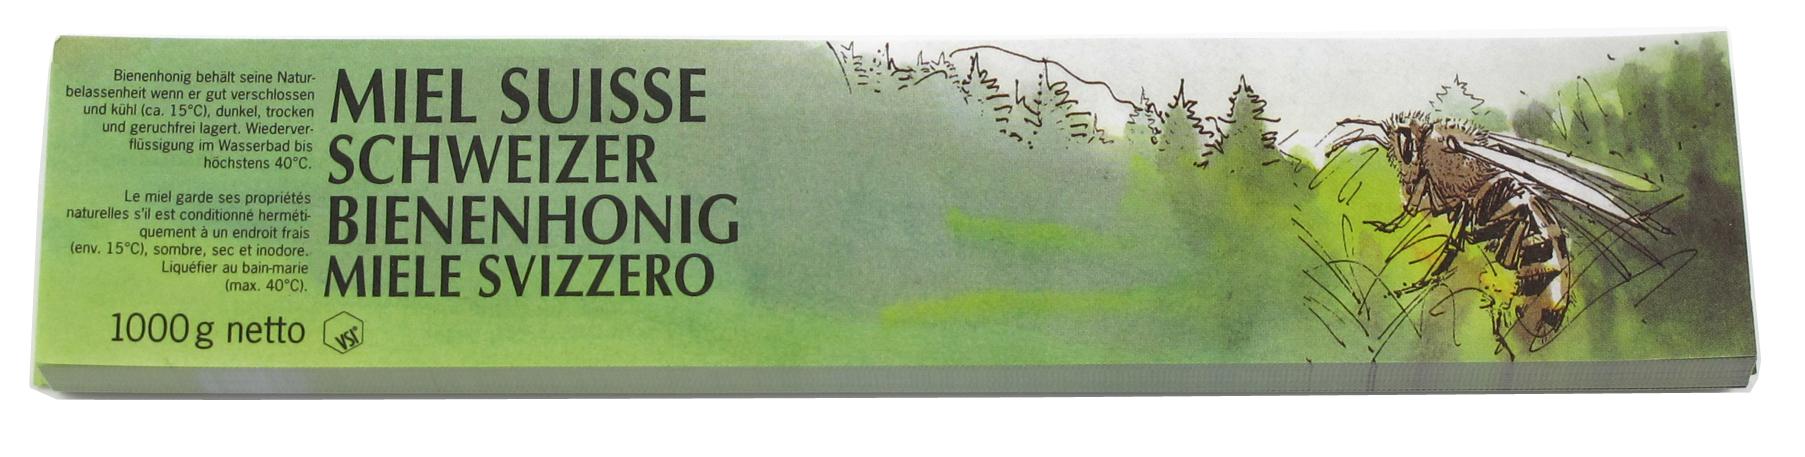 VSI Honig Etiketten 1000 g grün